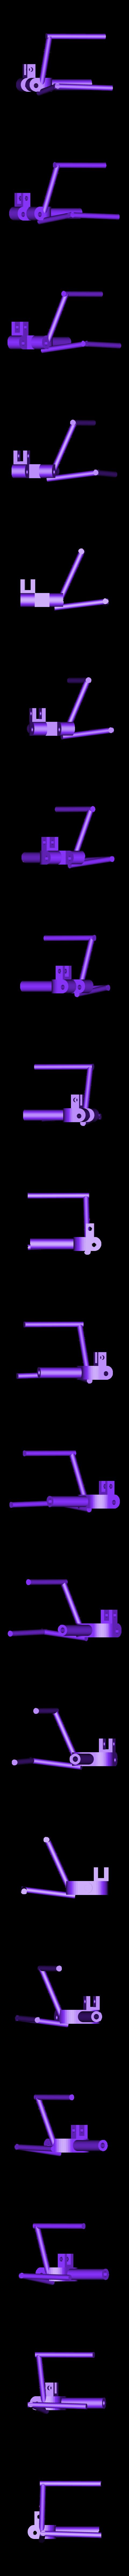 wiel-L.stl Download free STL file trick (custom) • 3D printer model, jasperbaudoin